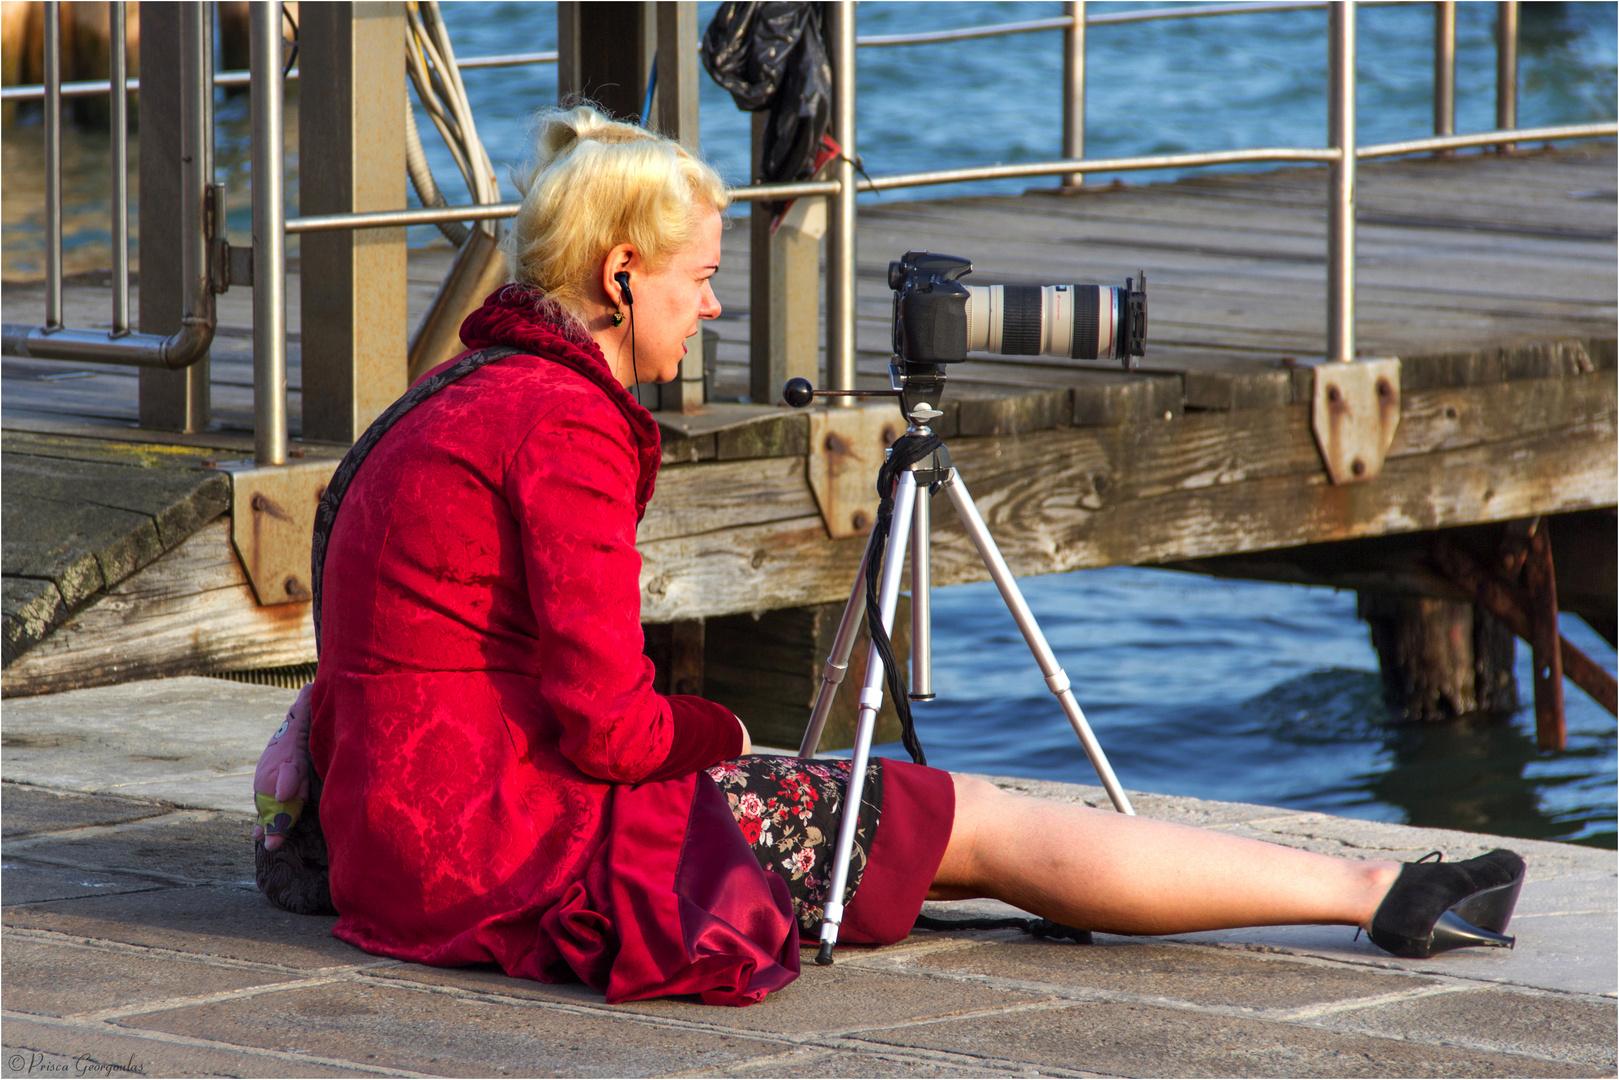 Die passionierte und elegante Fotografin